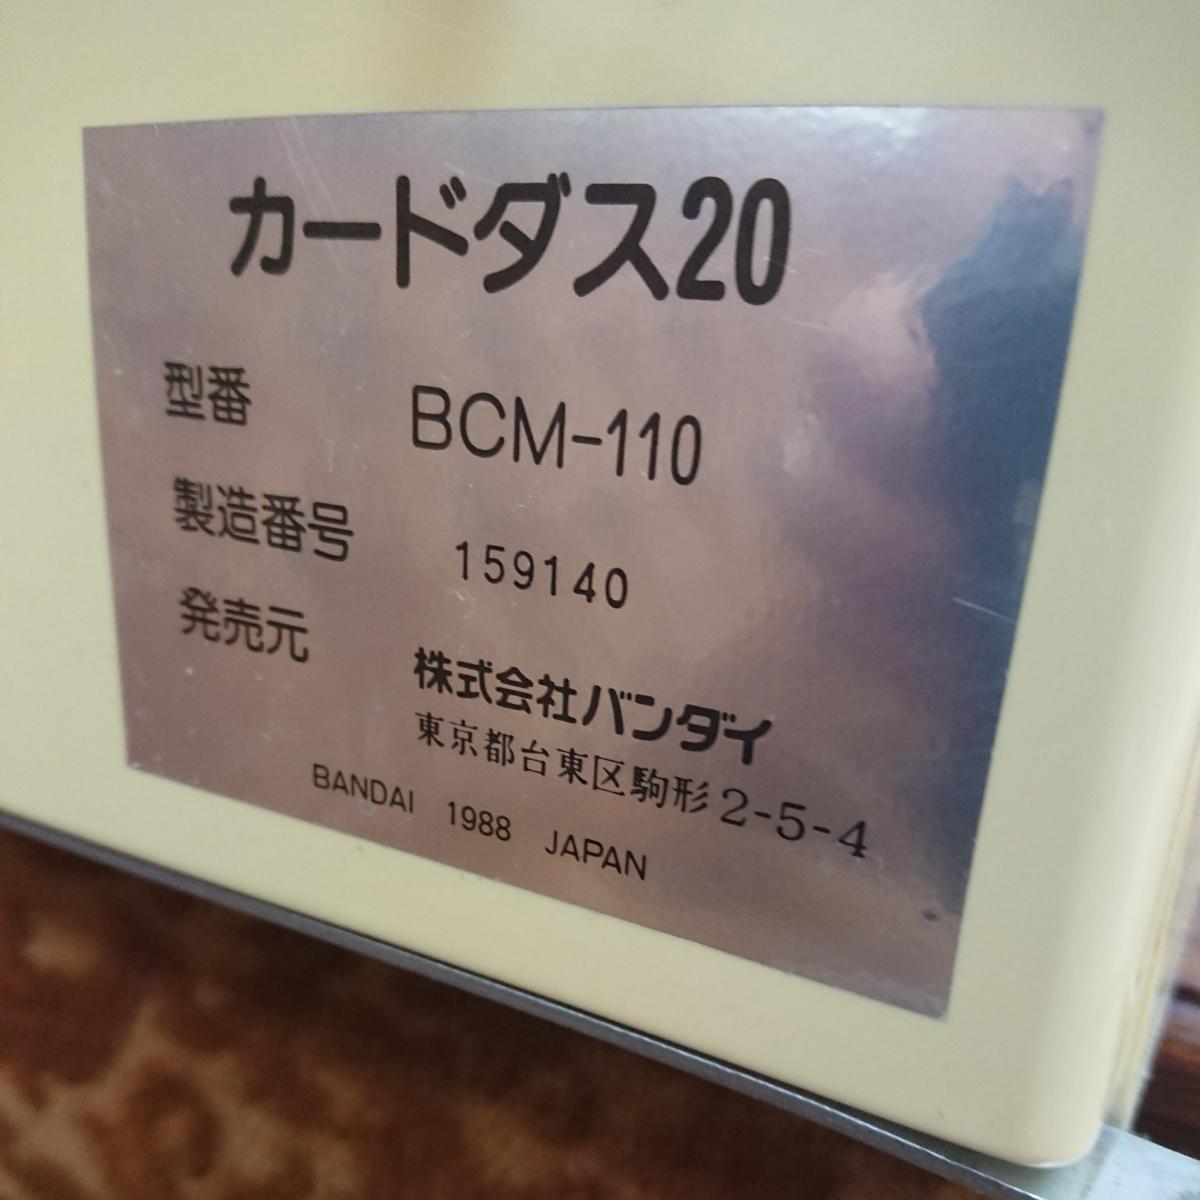 ■1円~ バンダイ カードダス20 1988年製 本体 可動品 台紙は ドラゴンボールZ 第17弾 悟飯第1章 DBZ 発送はゆうパック120_画像10